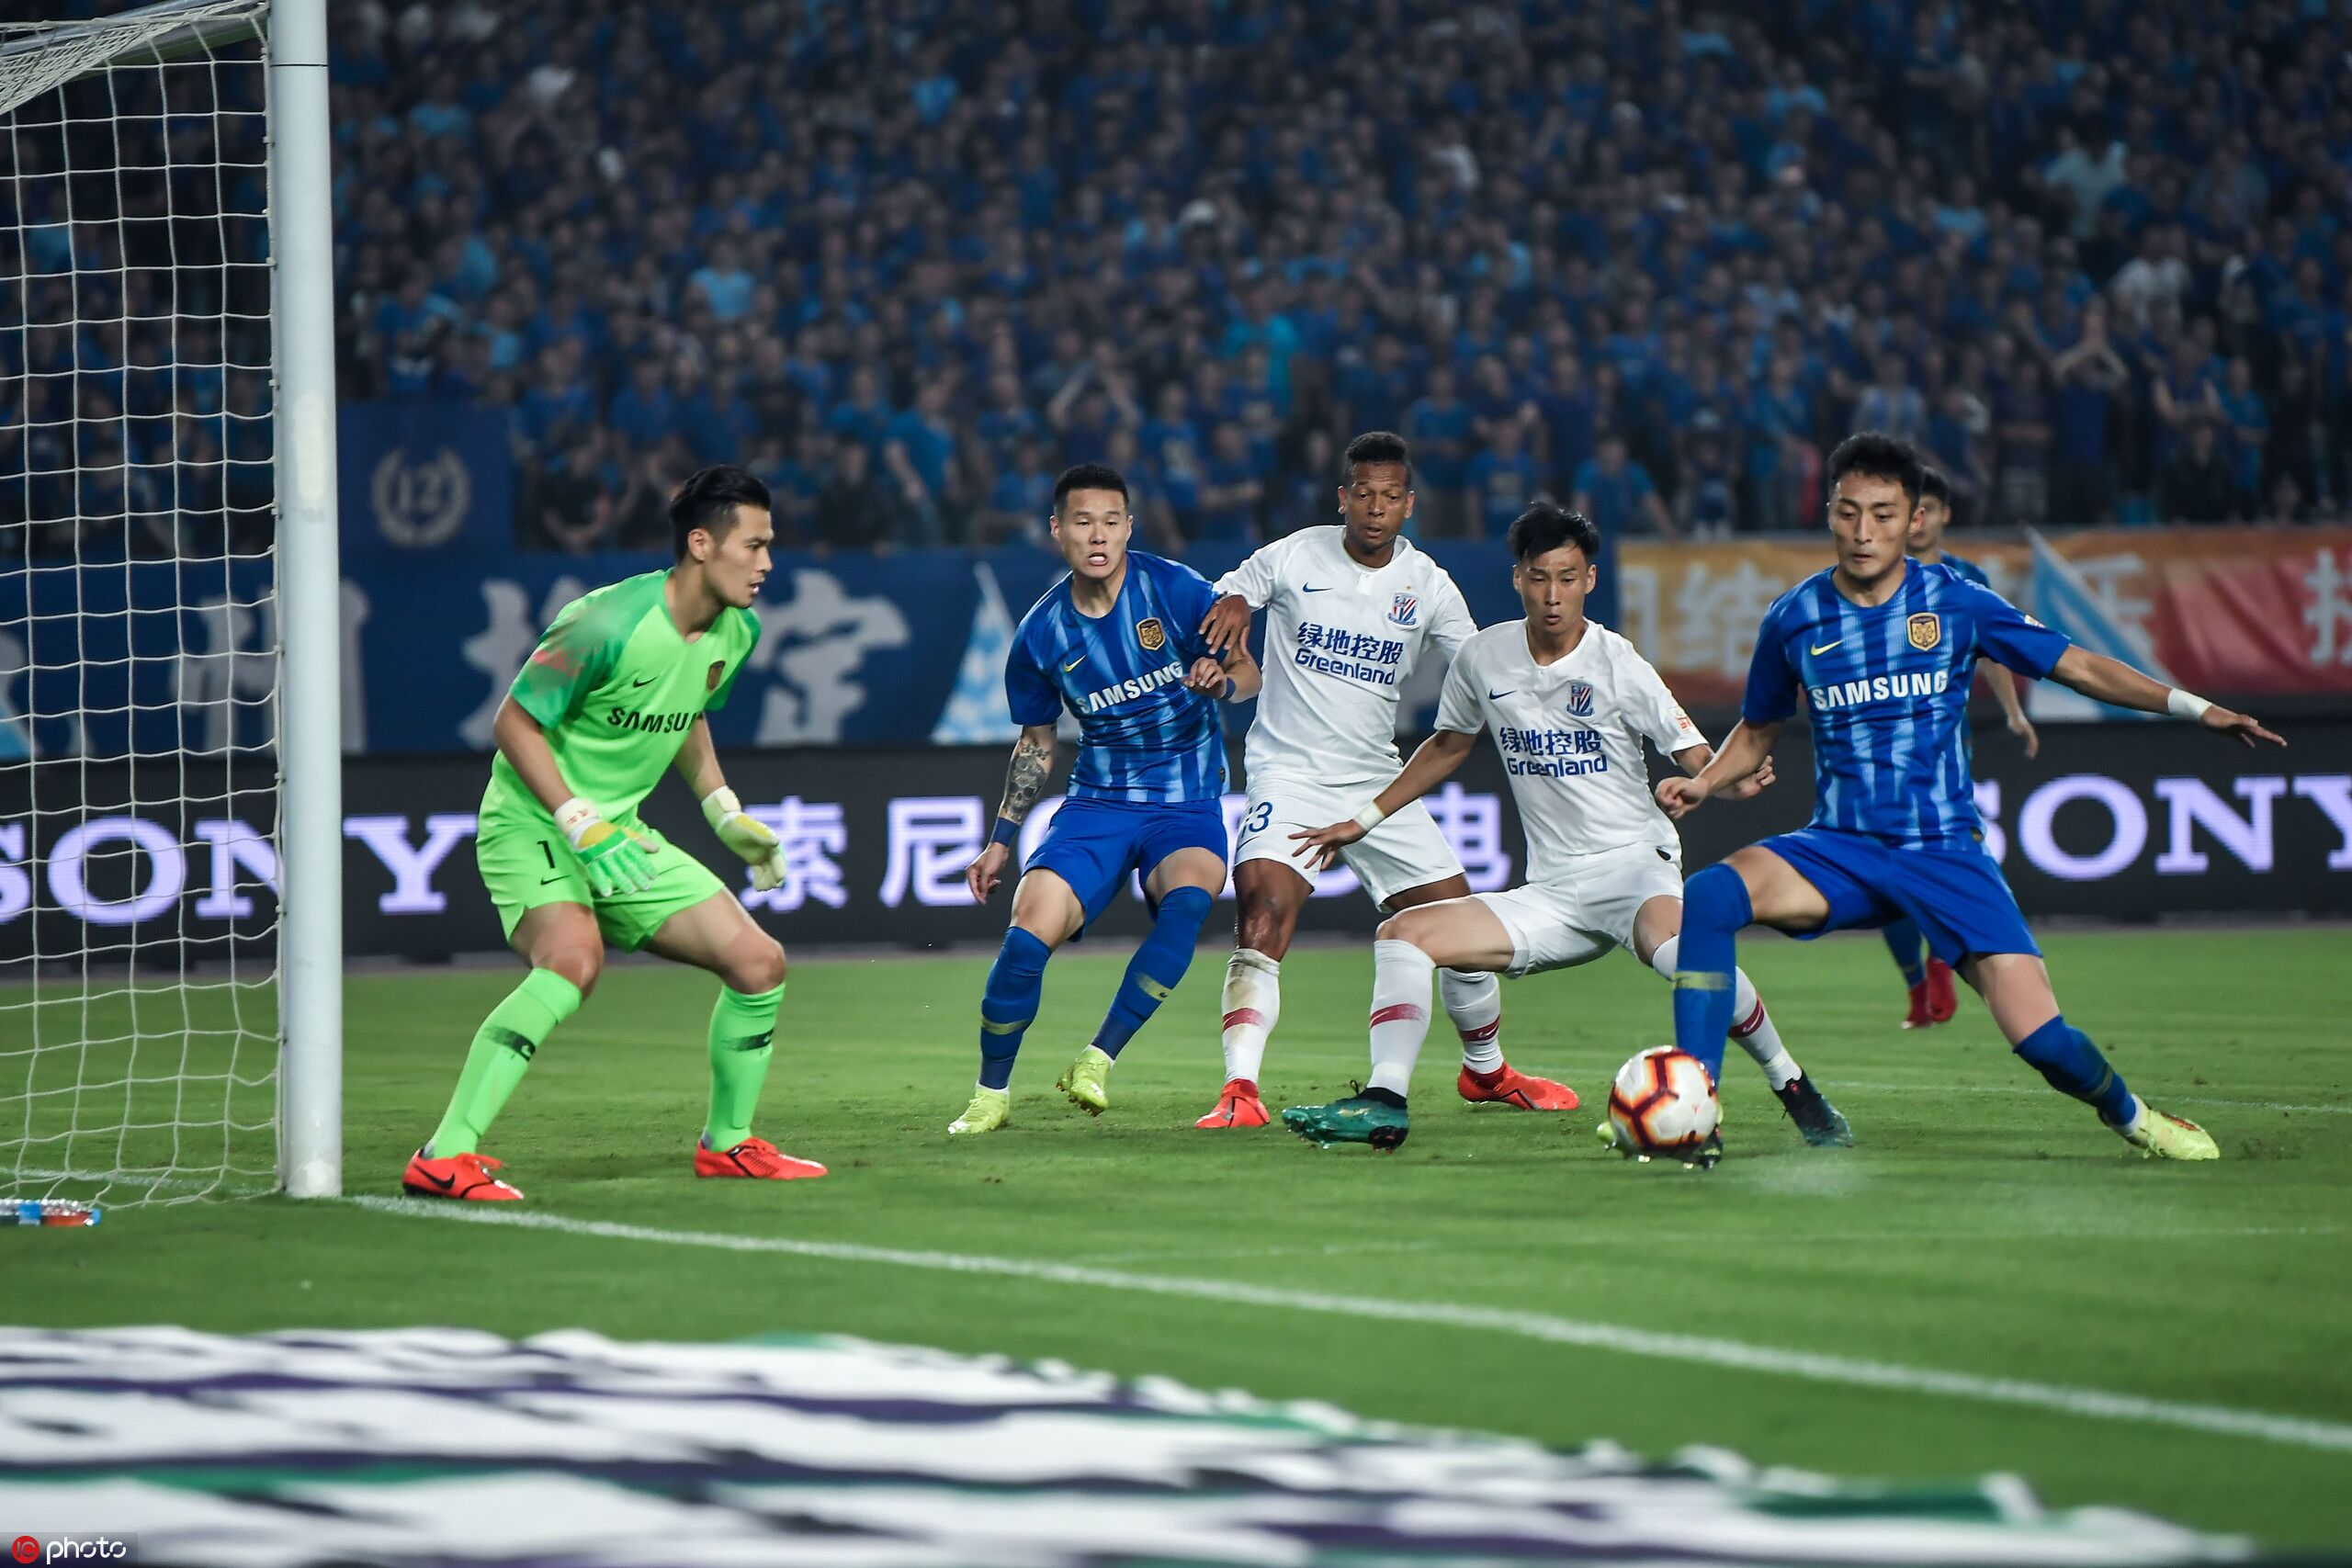 莫雷诺建功助球队终结九轮不胜,苏宁0-1申花